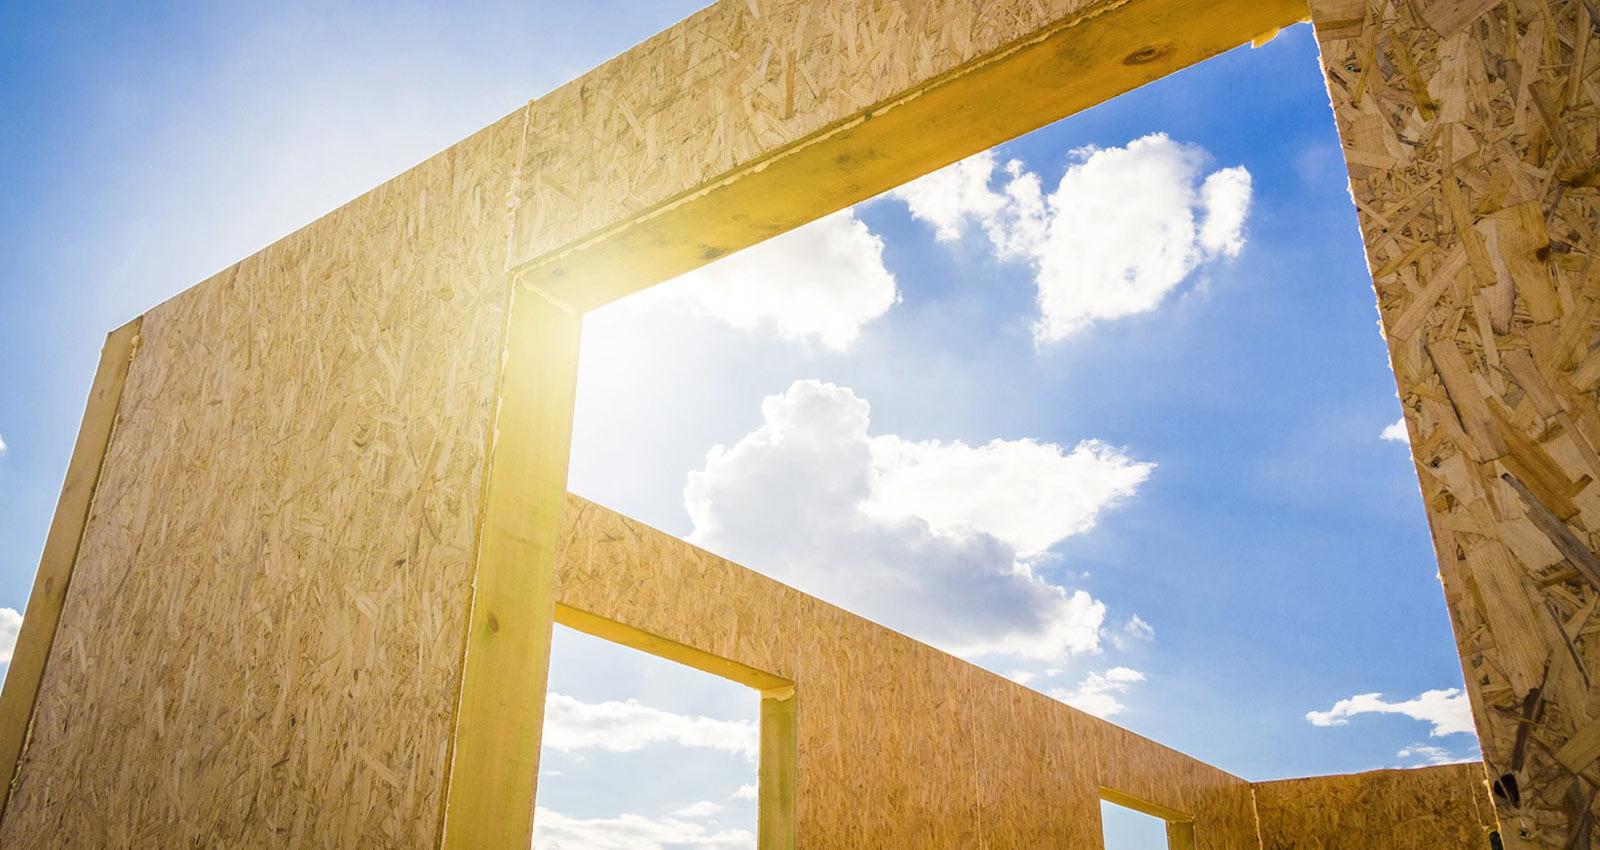 مزایای پنل عایق سازهای (SIP) در ساختمان سازی